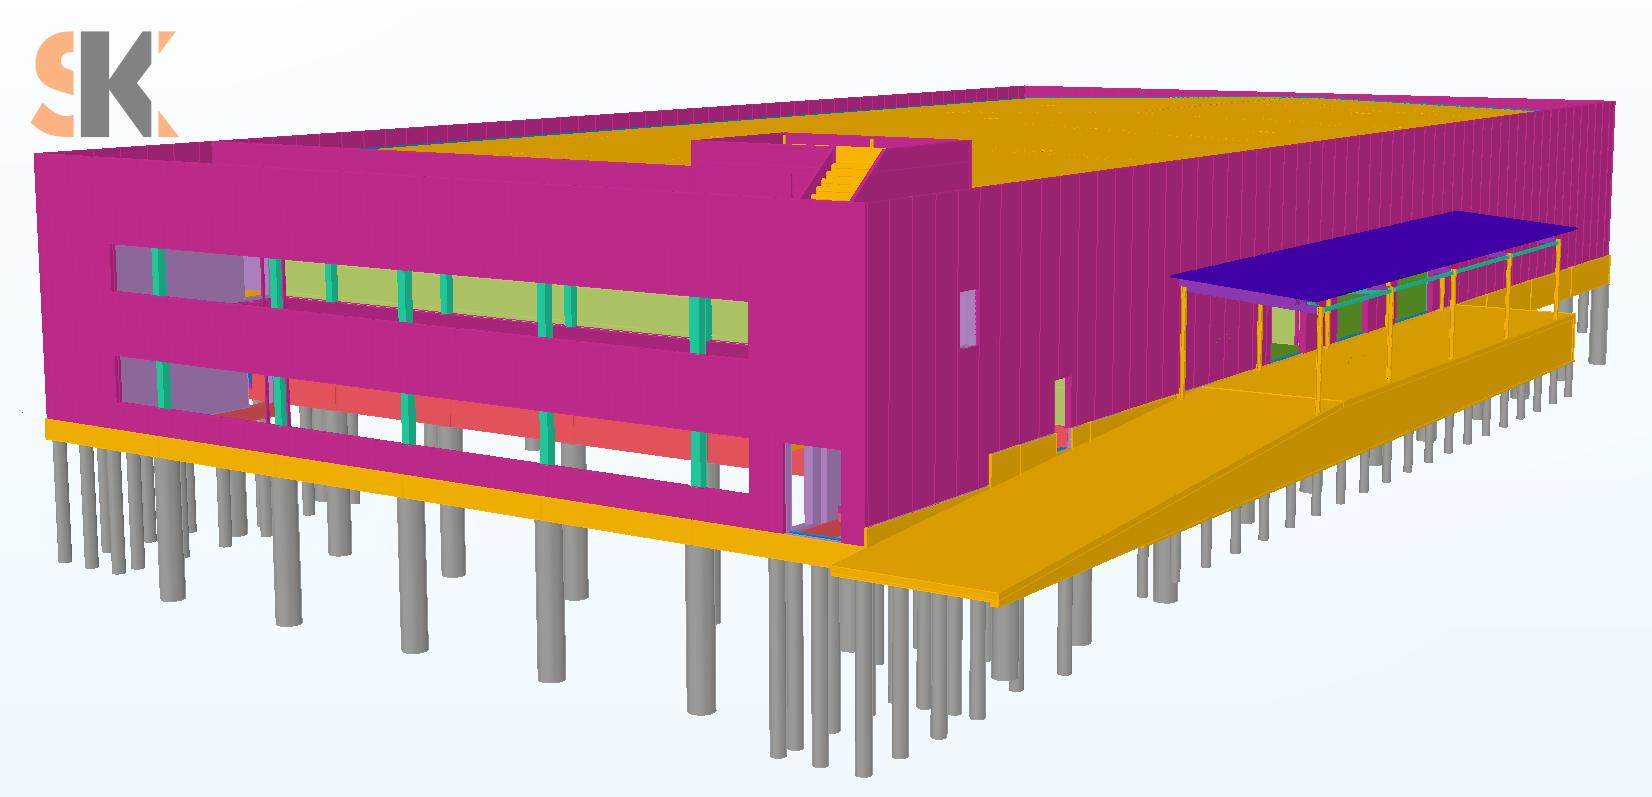 Sandėliavimo paskirties pastatas. Techninis ir darbo projektai